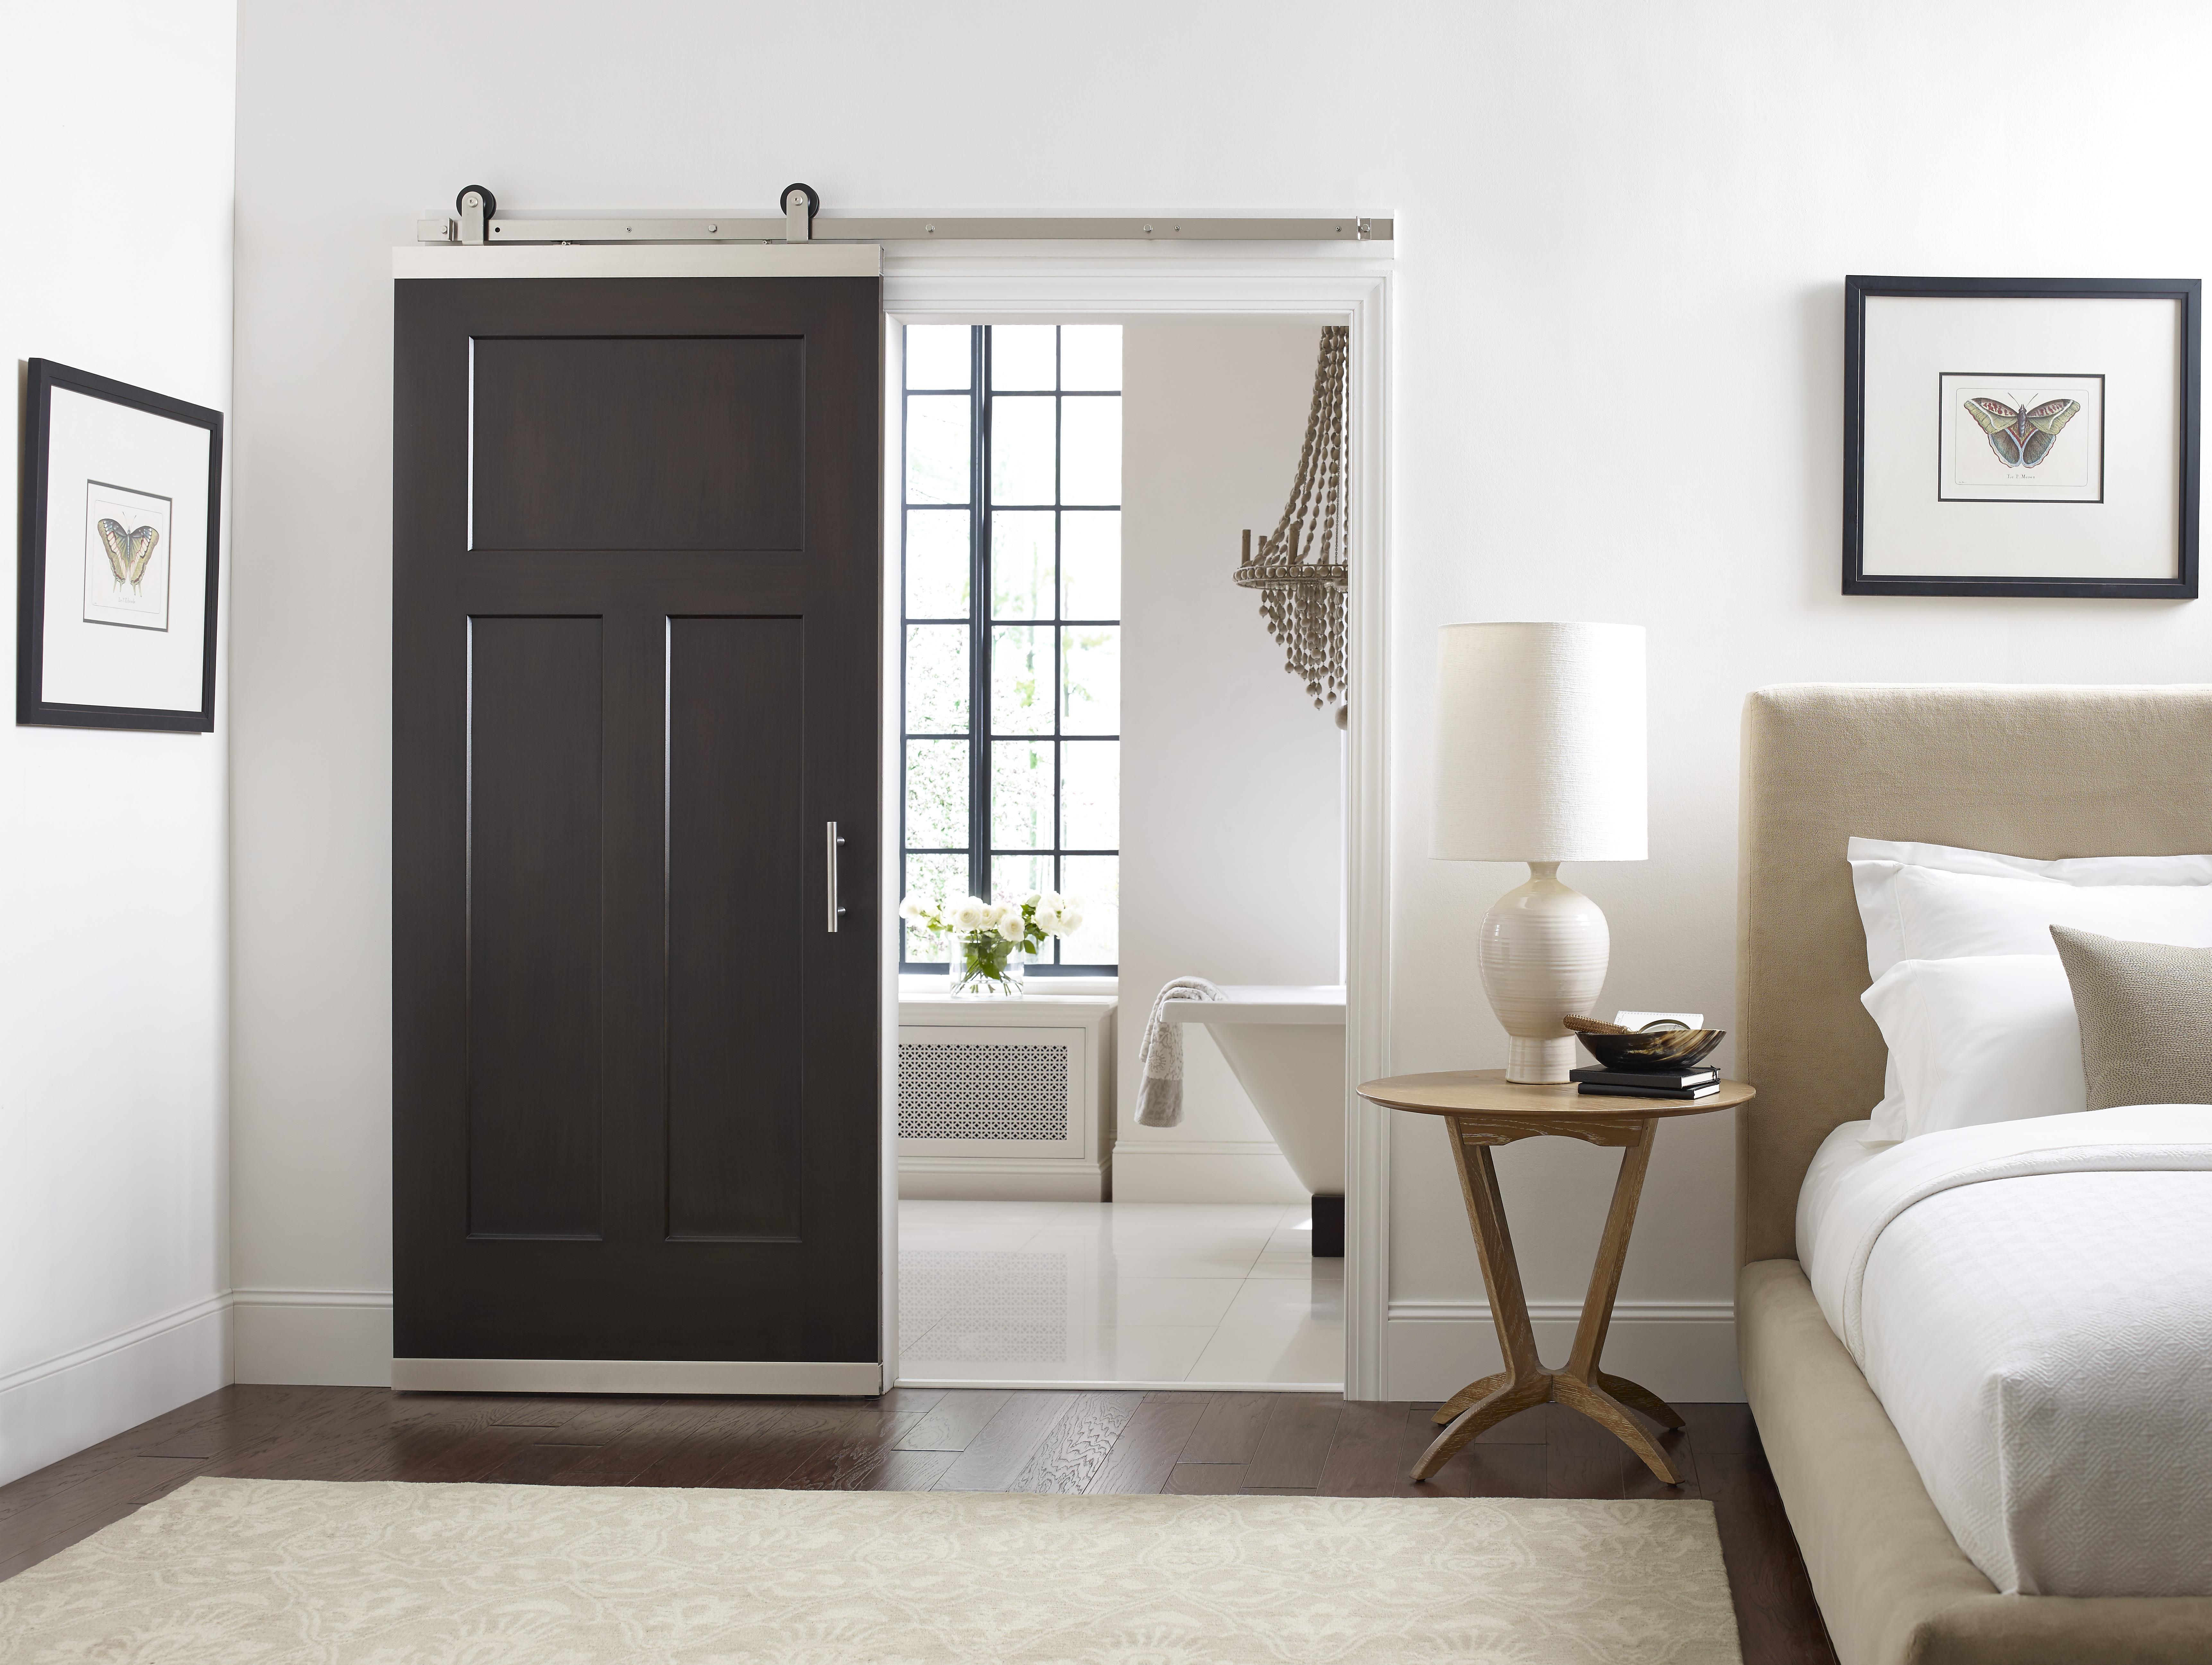 Jeld Wen System Transforms Standard Door Into A Barn Door